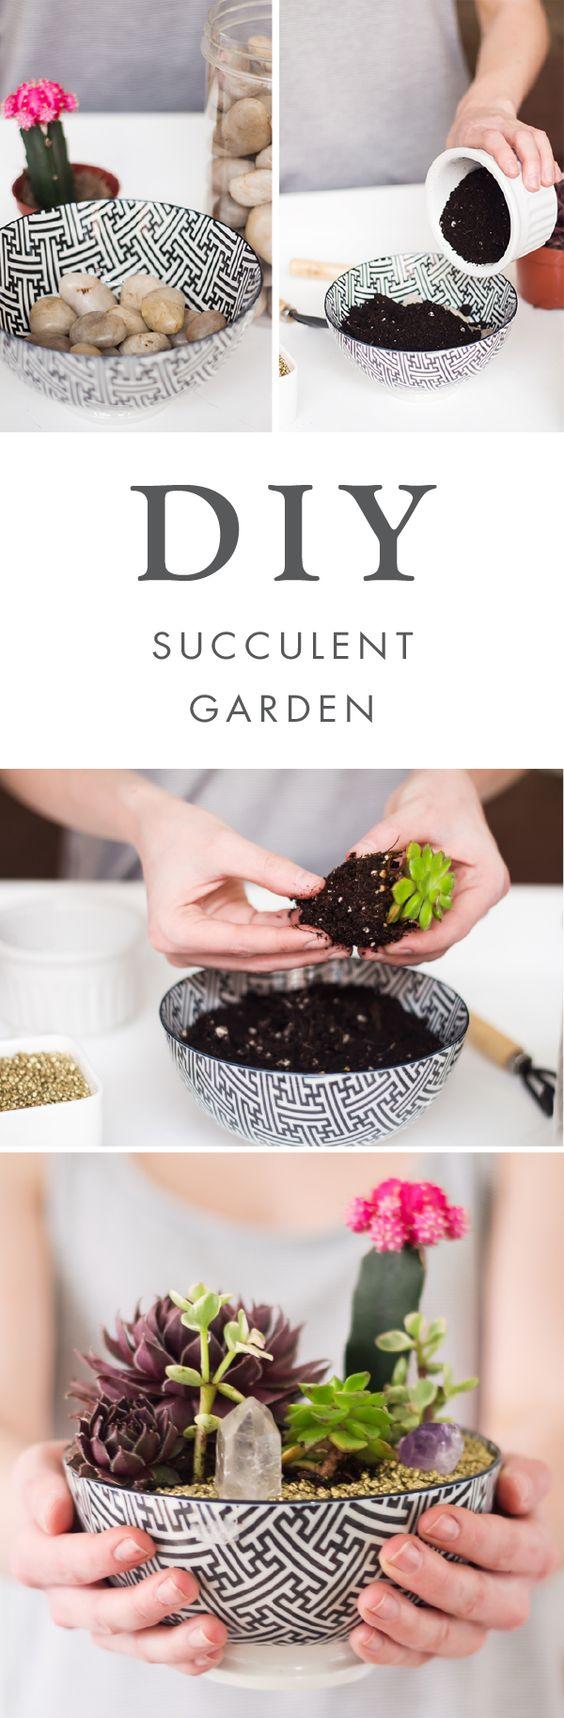 idée pour créer un jardin miniature de plantes succulentes, panier en noir et blanc, rempli de galets, terreau et plantes, tutoriel, activite manuelle facile pour l été